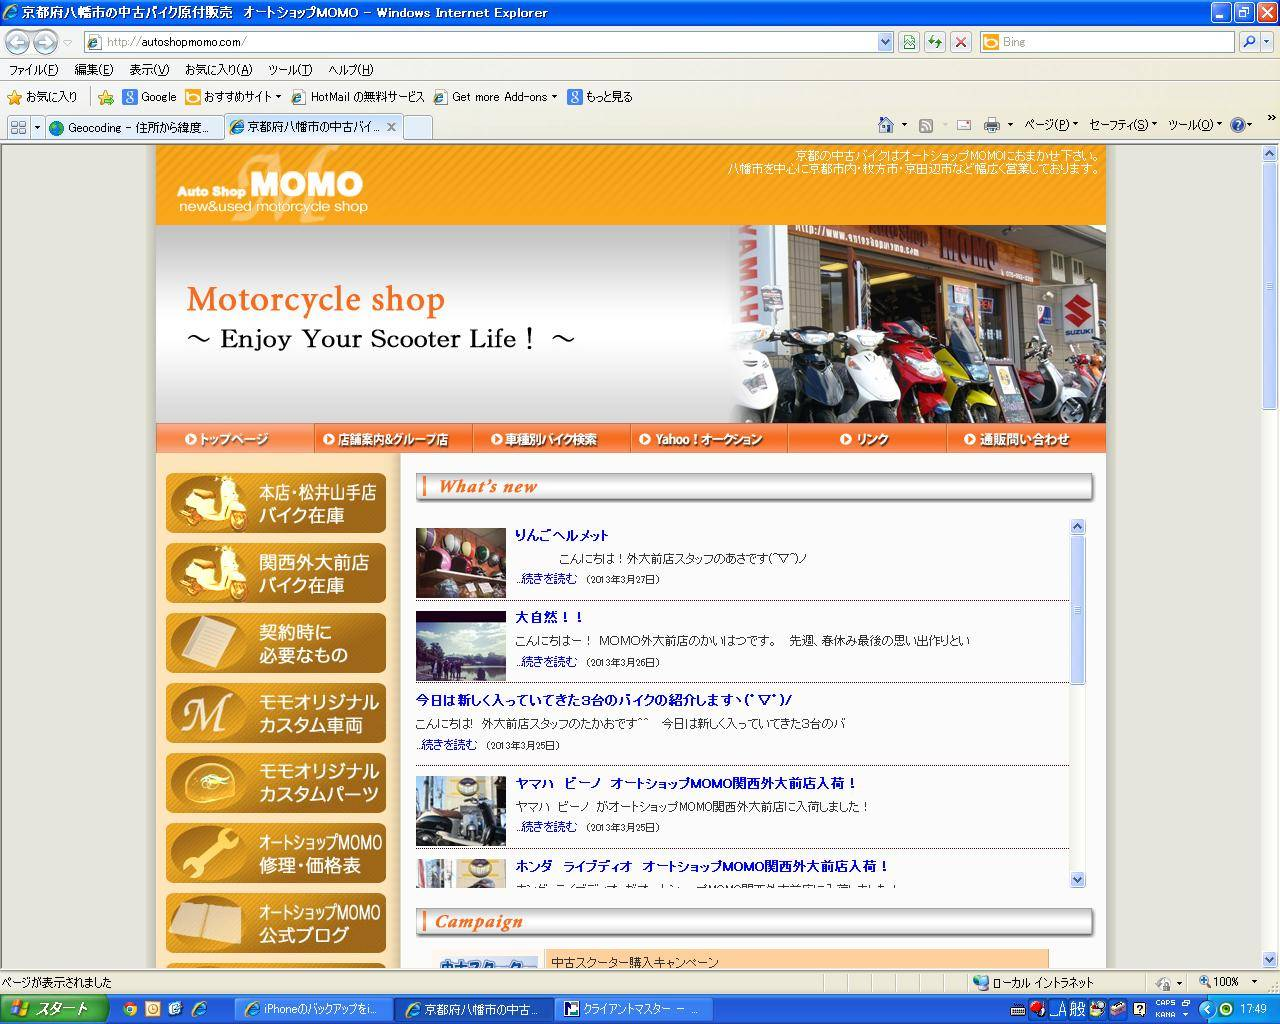 オートショップMOMO 久御山店